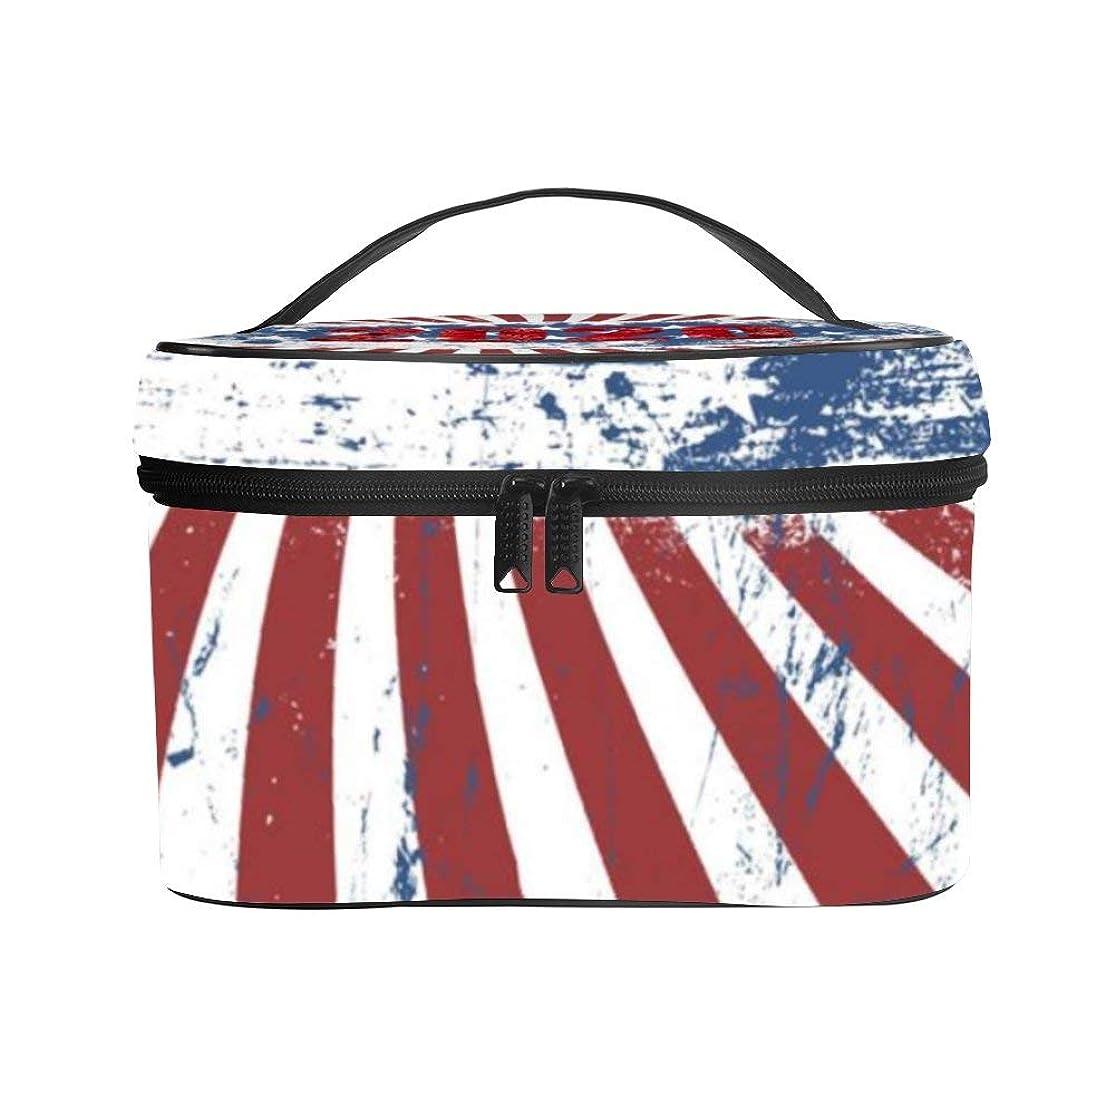 オフセット加入見分けるメイクぼっくす PUレザー コスメボックス バニティポーチ アメリカ国旗 2020 旭日旗 神風 化粧ボックス メイクブラシバッグ トラベルバッグ 人気 かわいい 大容量 機能的